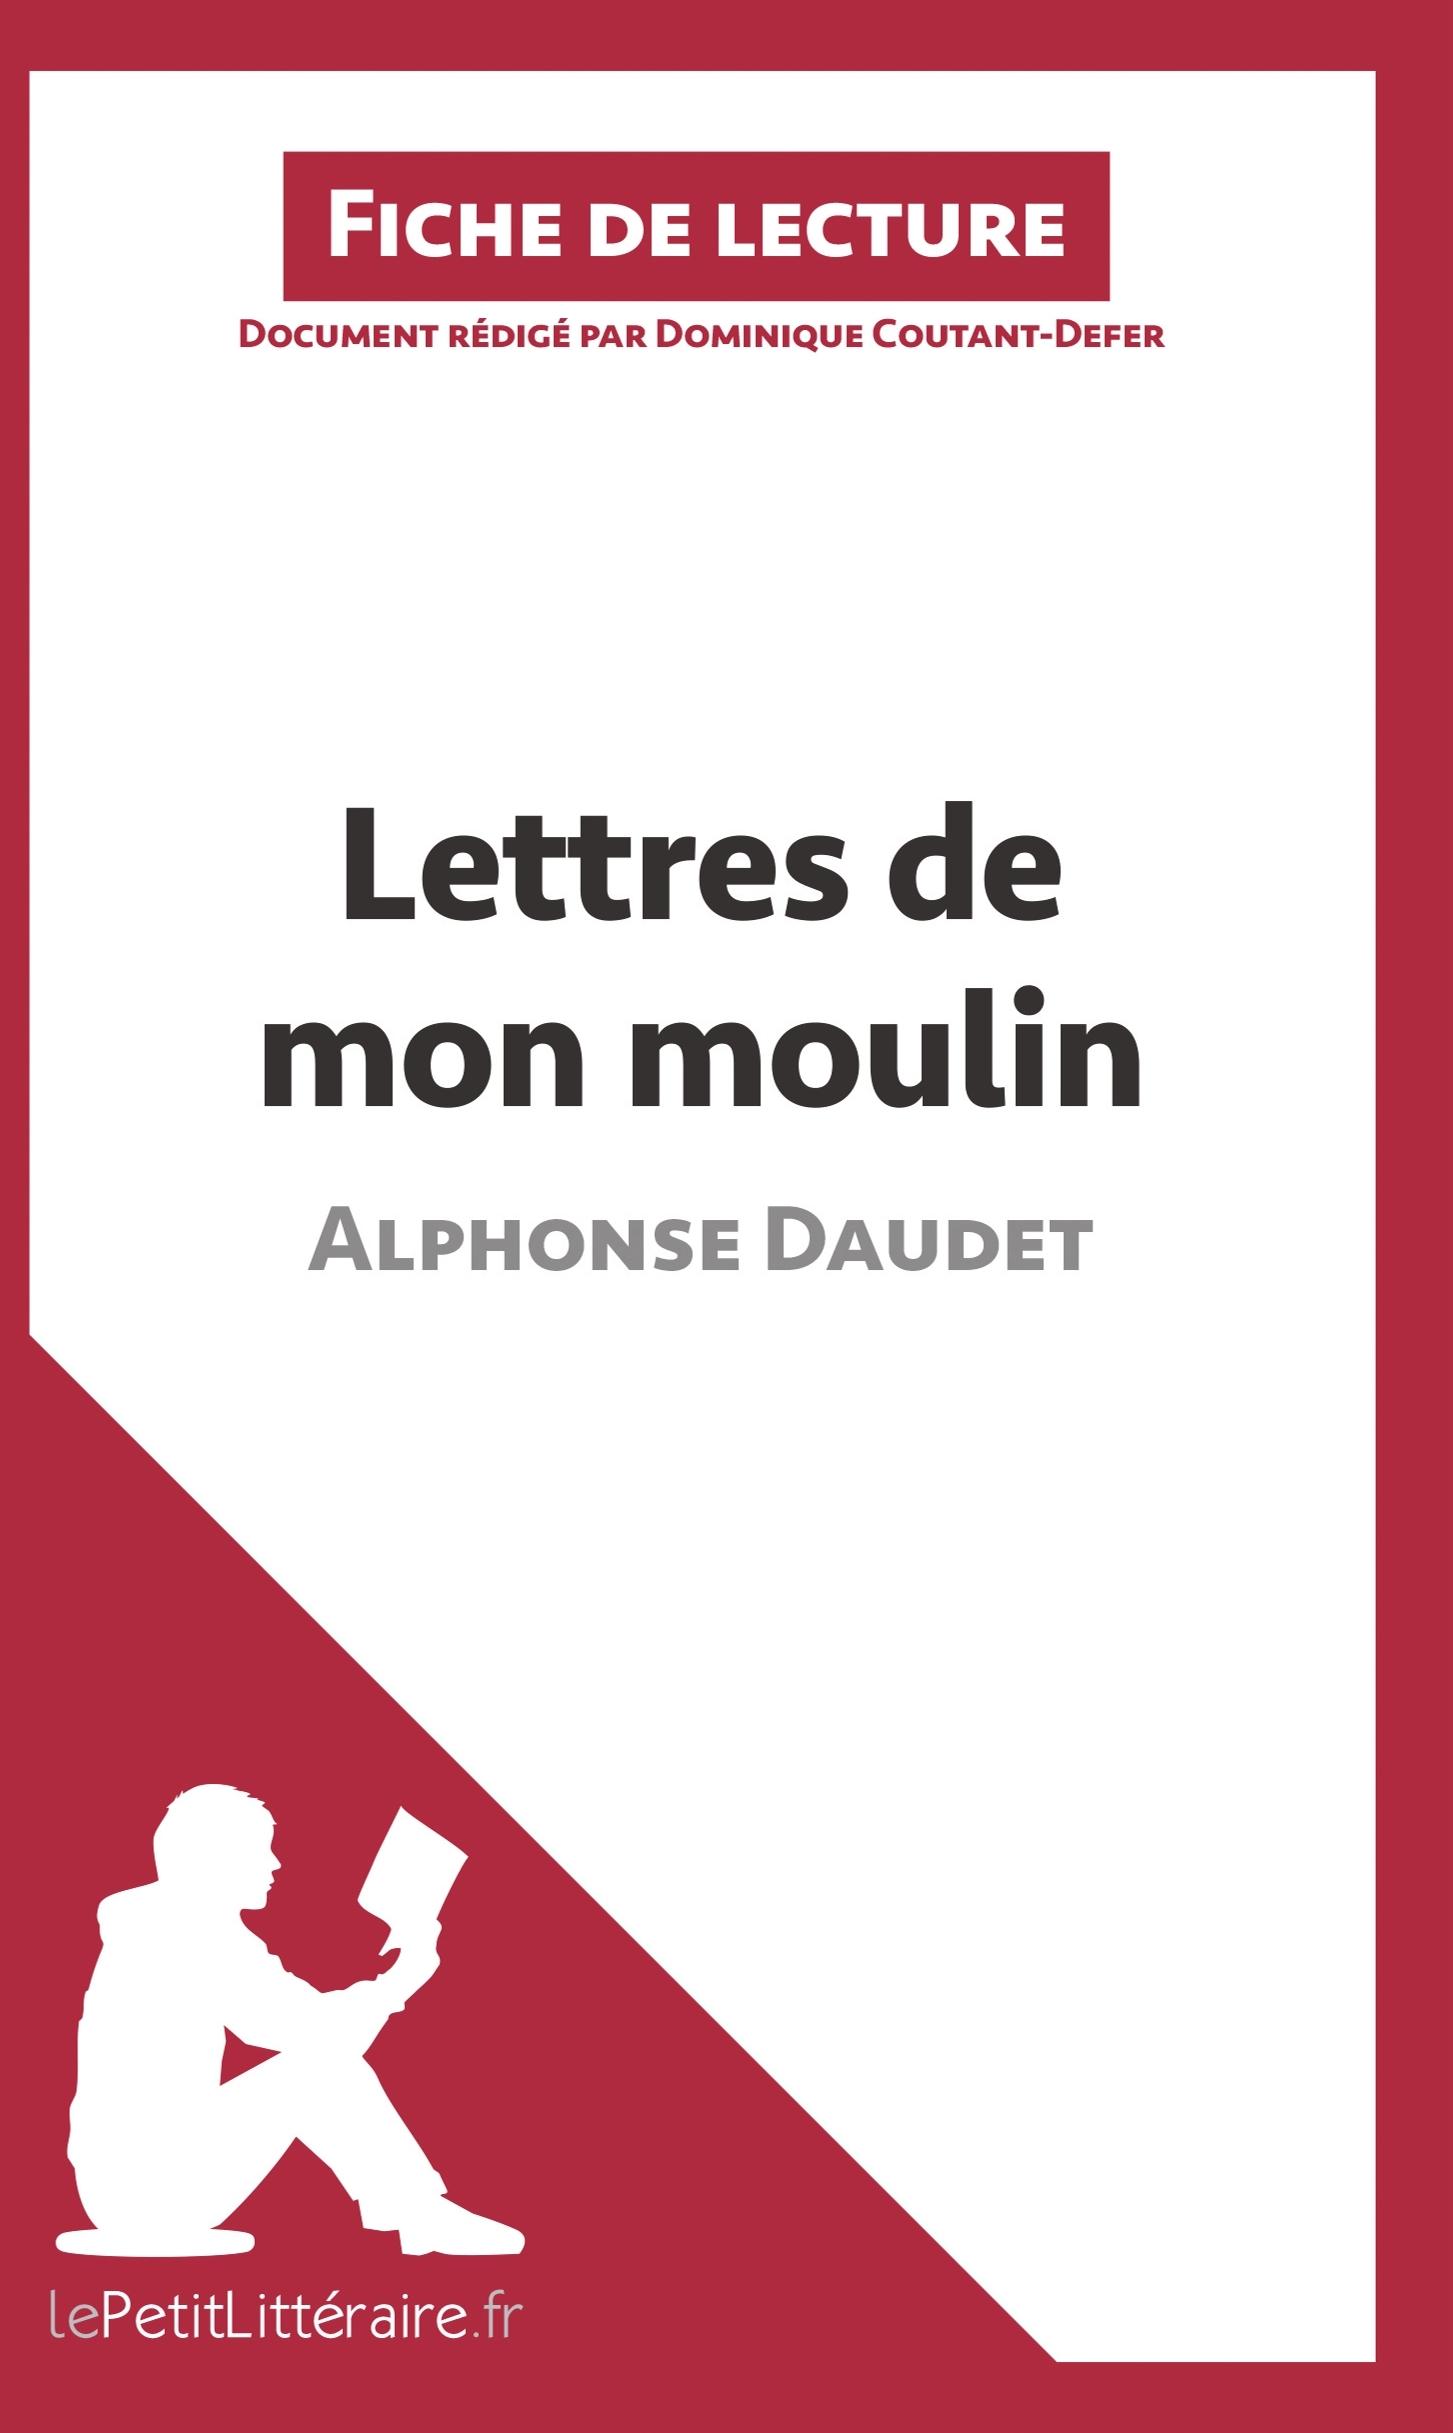 ANALYSE LES LETTRES DE MON MOULIN D ALPHONSE DAUDET ANALYSE COMPLETE DE L UVRE